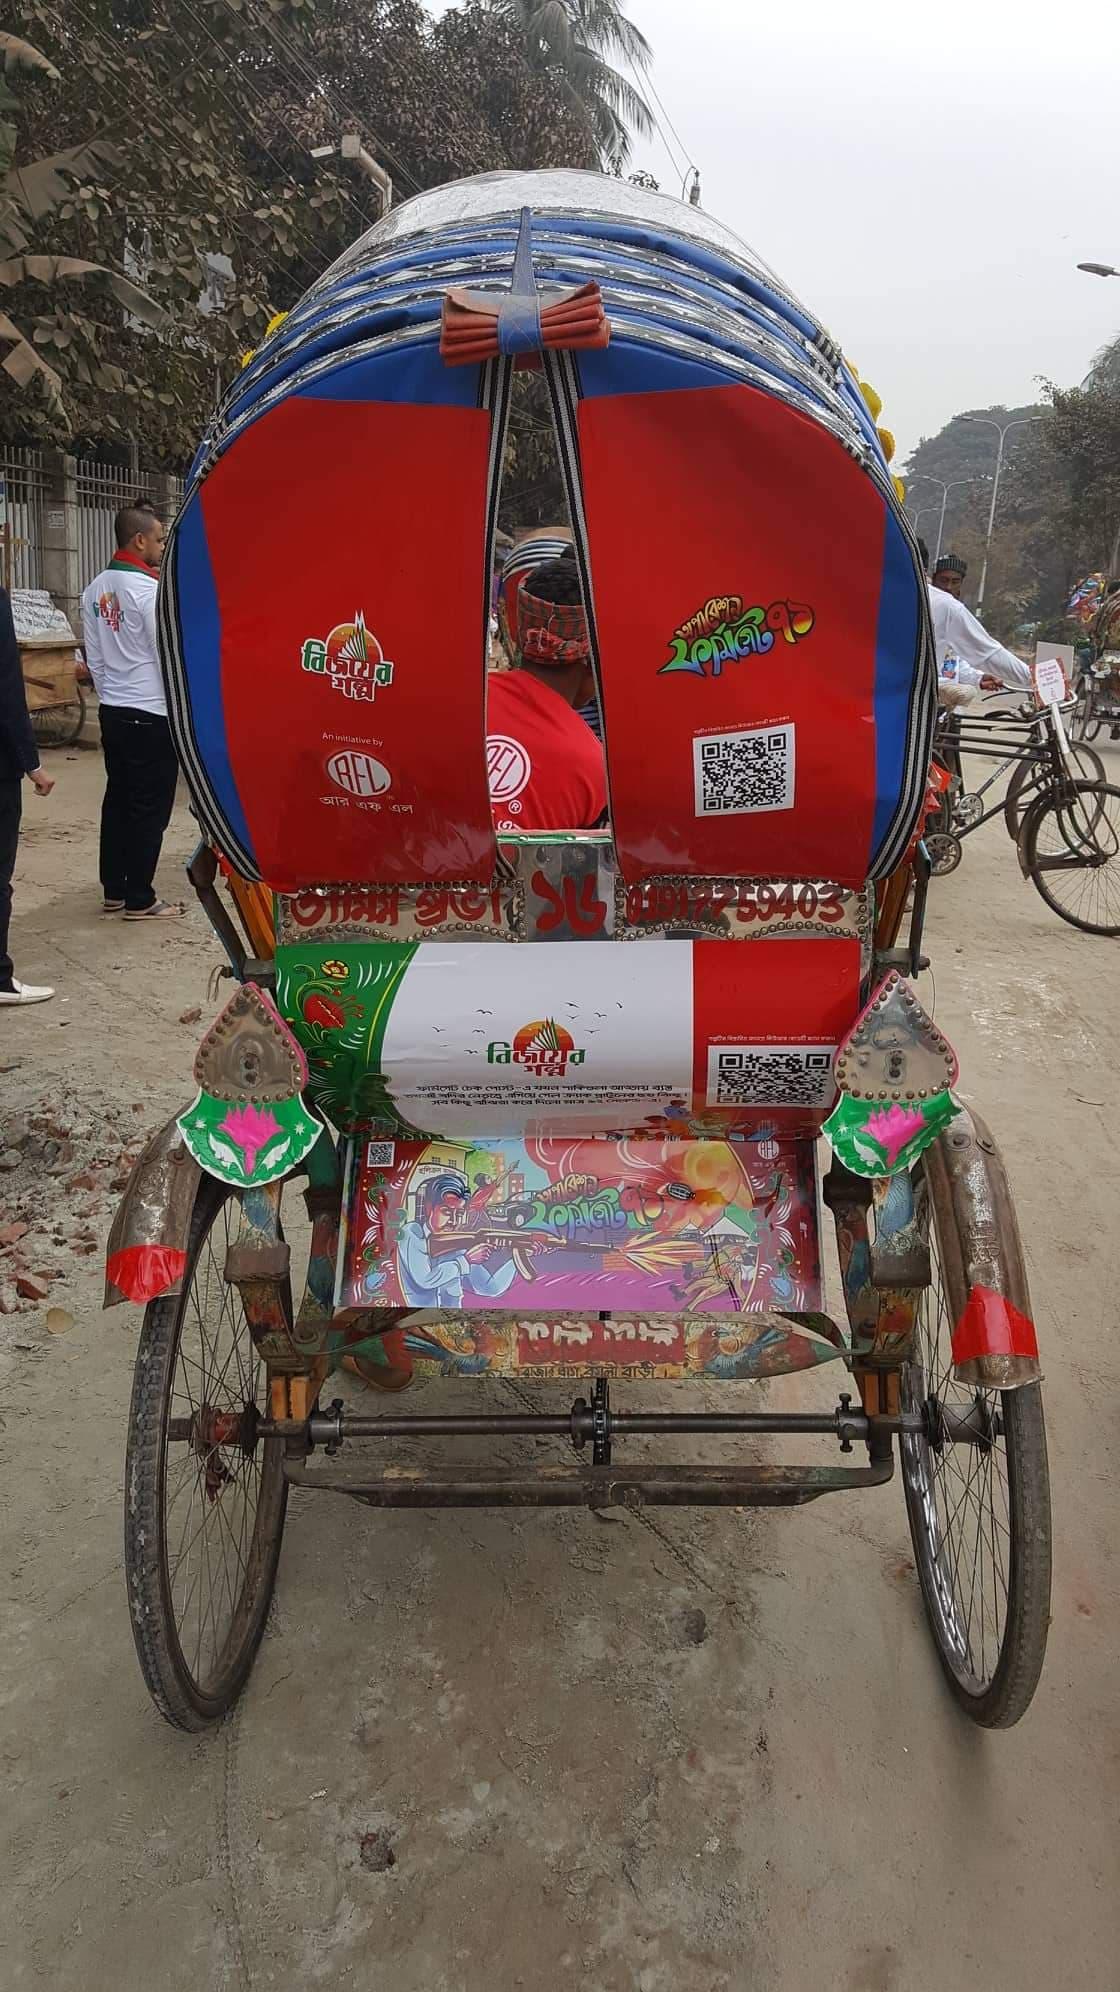 নতুন প্রজন্মের উদ্দেশ্যে শহরময় ঘুরে বেড়াবে রিকশায় আঁকা বিজয়ের গল্প